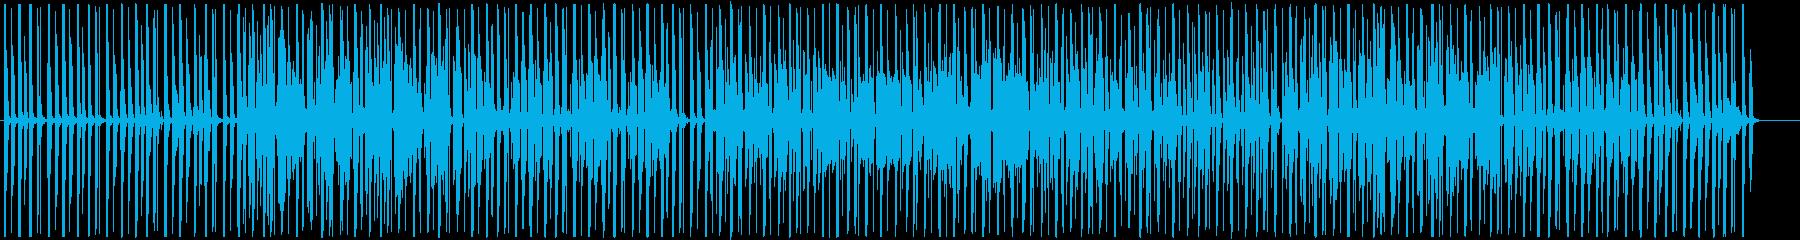 ゆったりキュートなChill-Hopの再生済みの波形